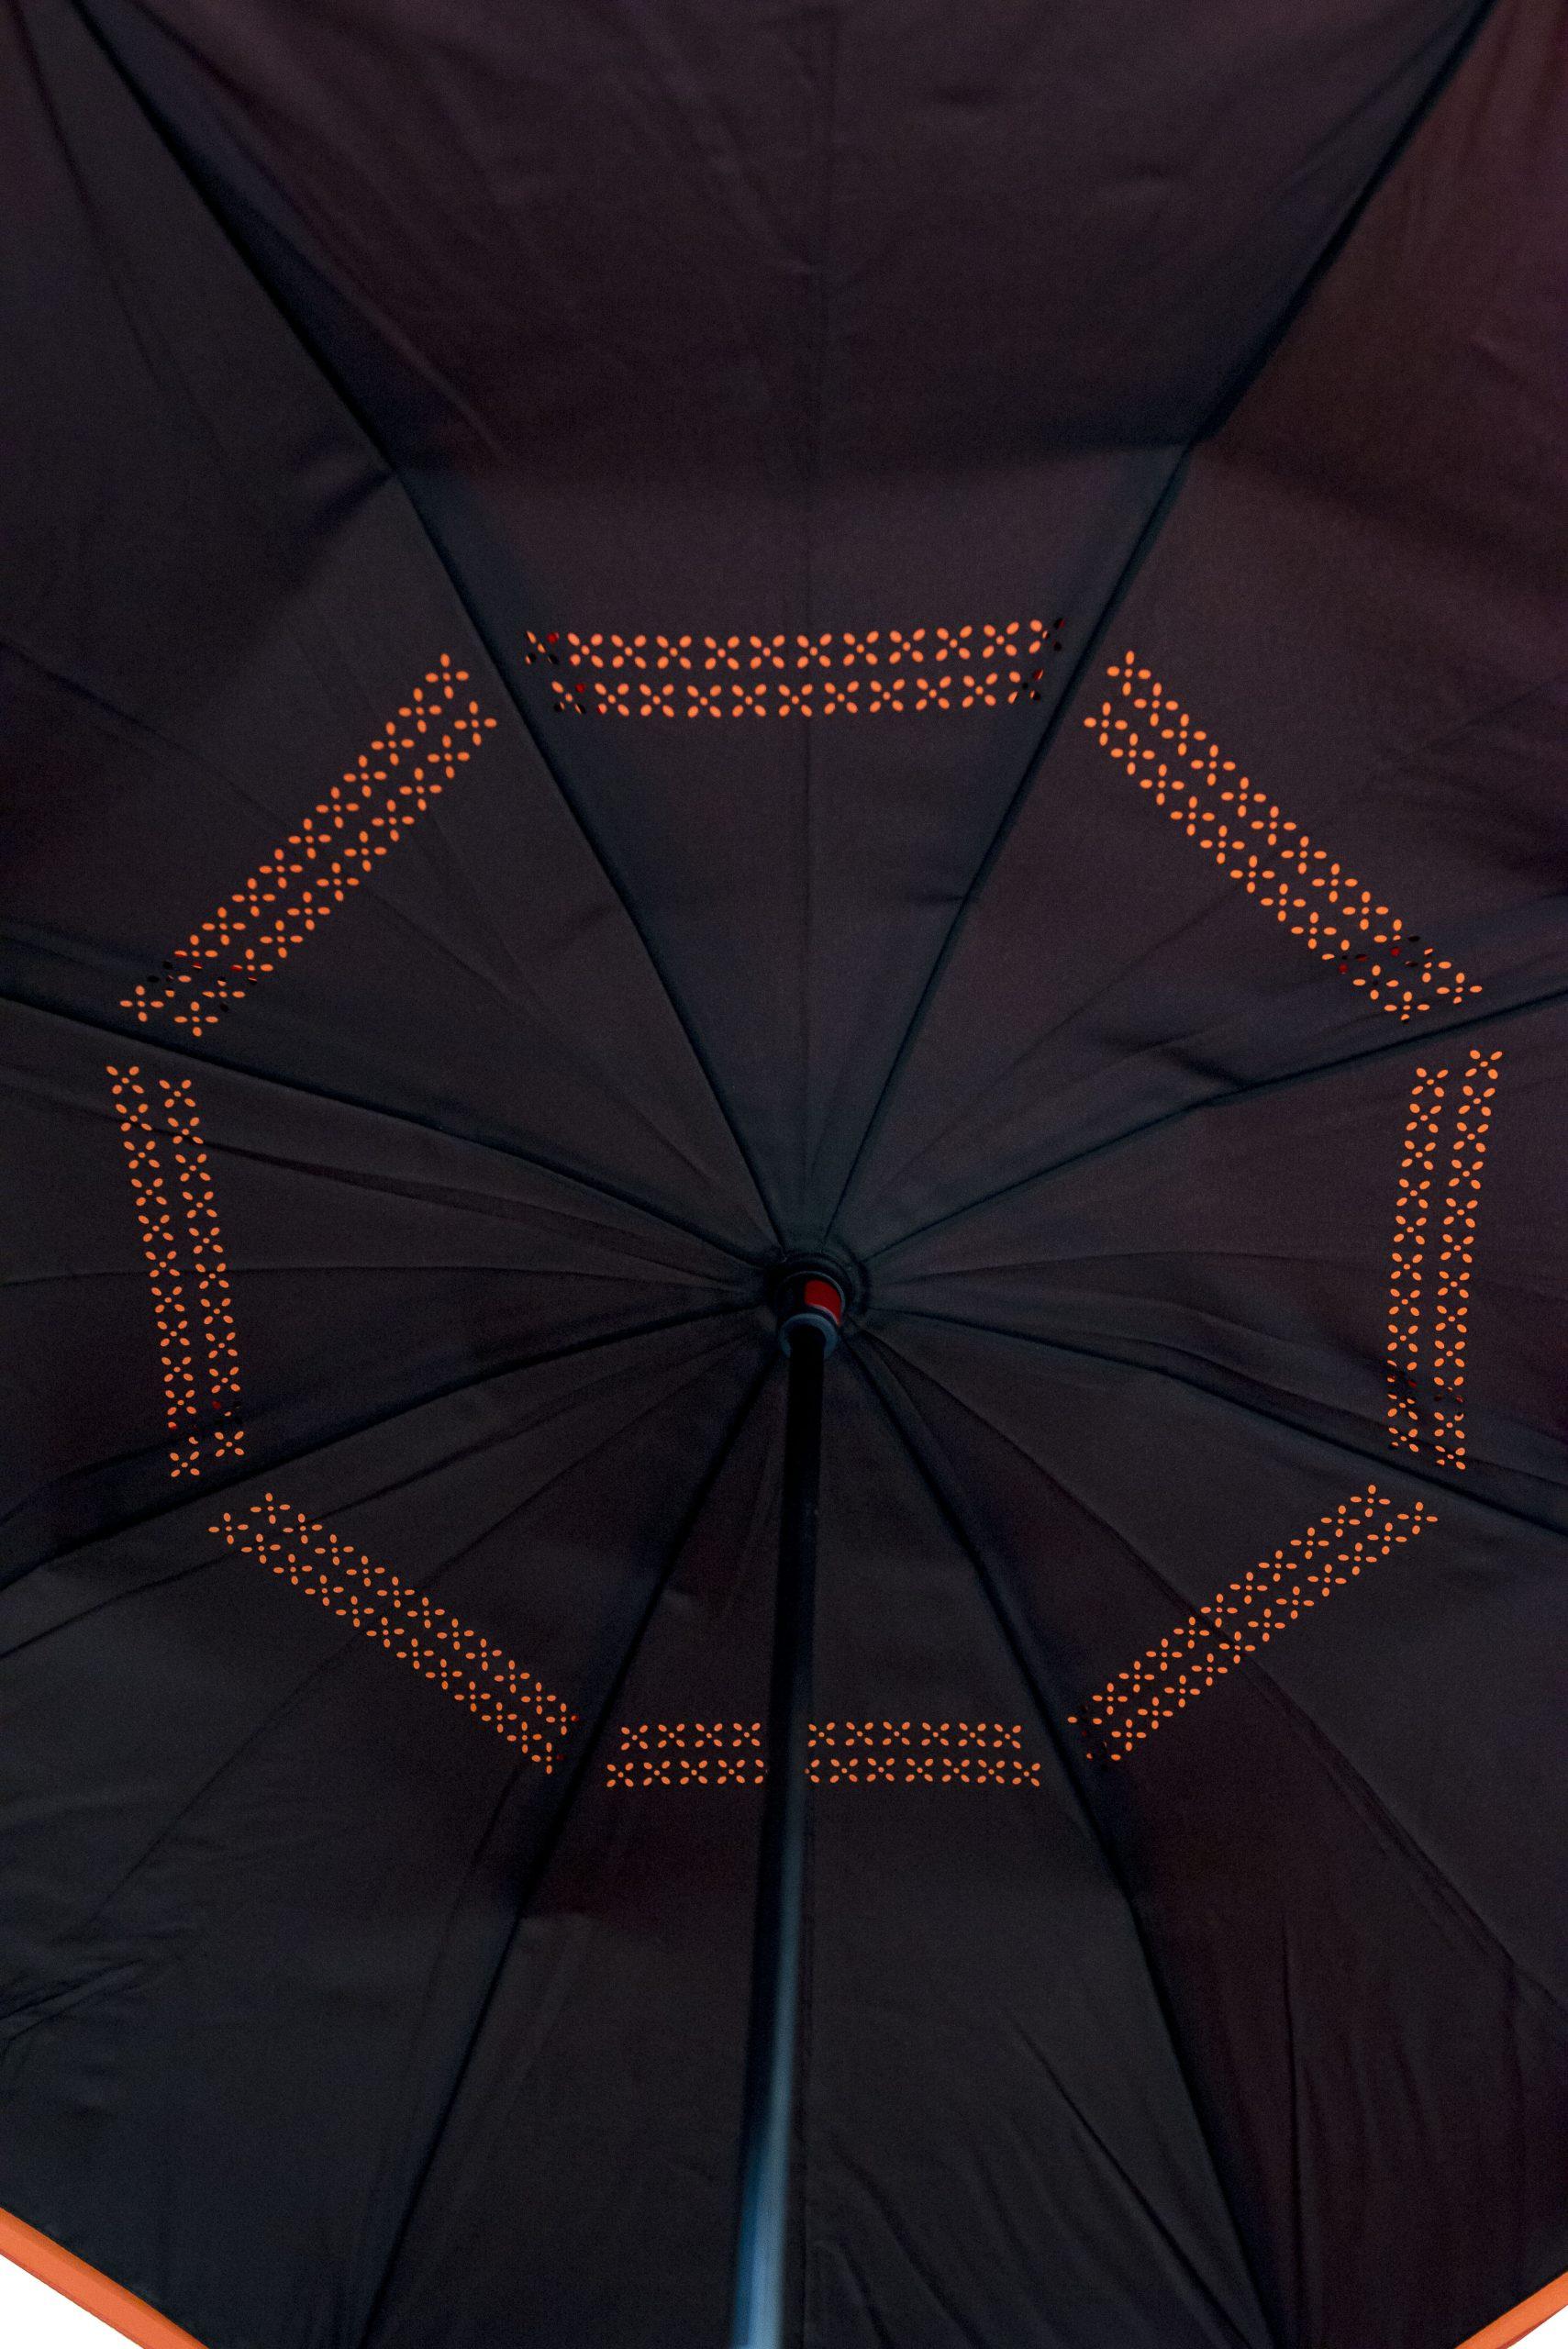 inverted umbrella printing